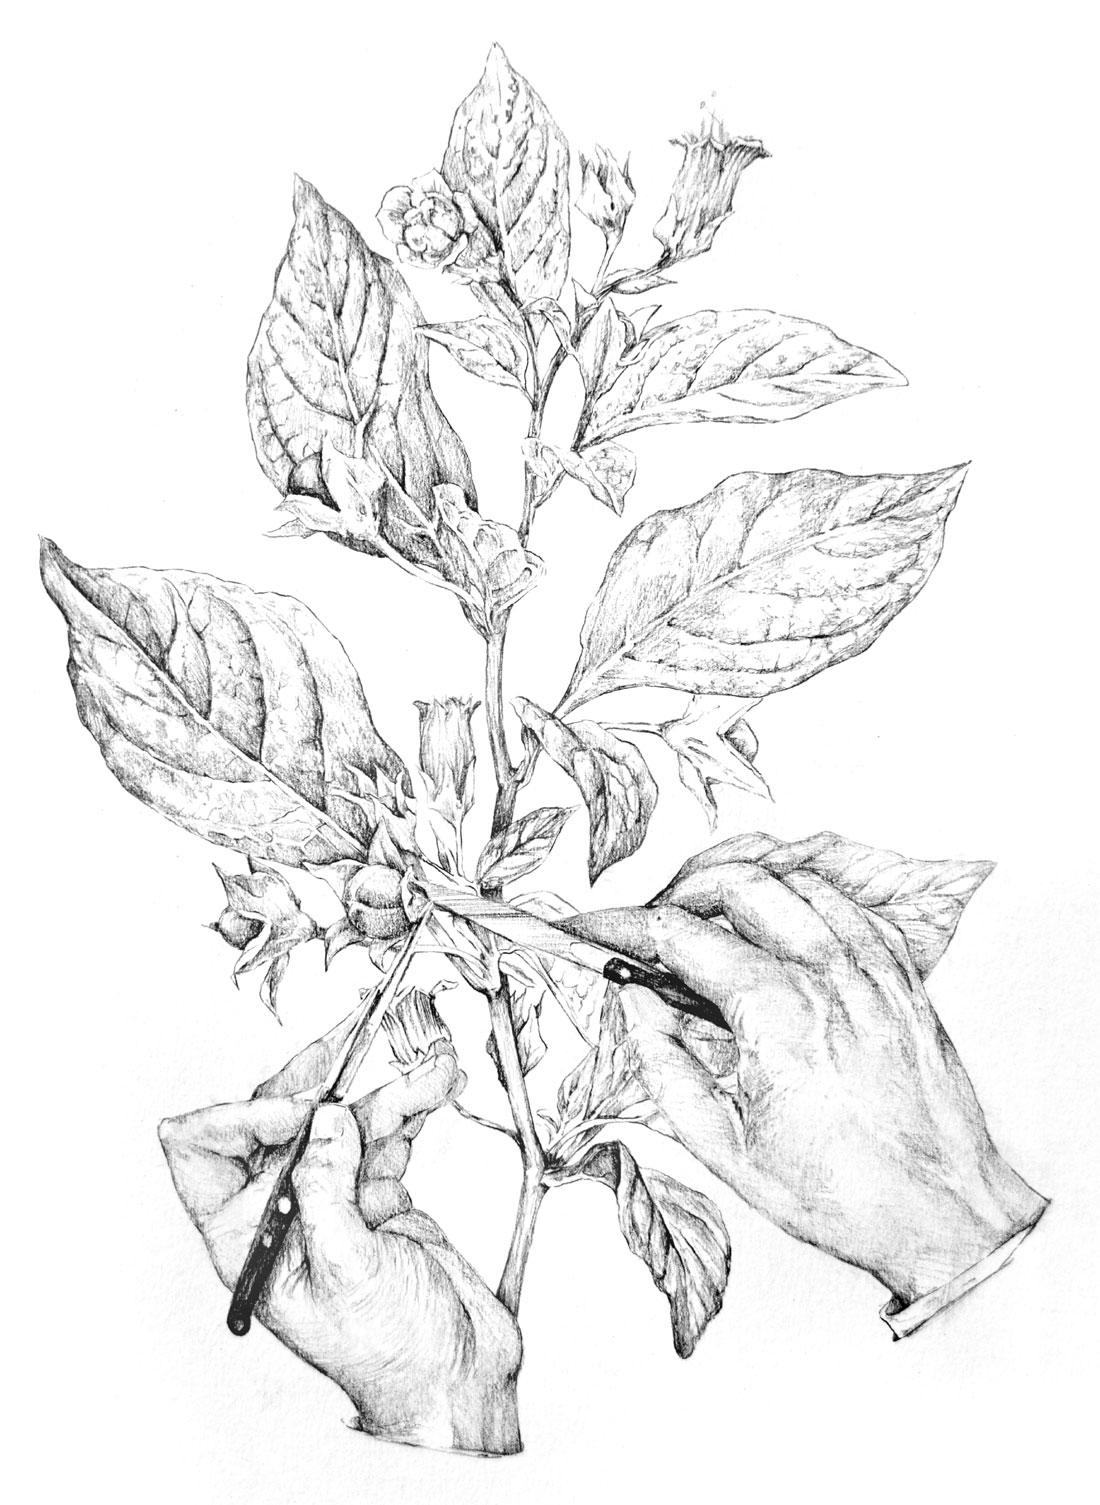 Anatomía y flora. Los dibujos de Nunzio Paci